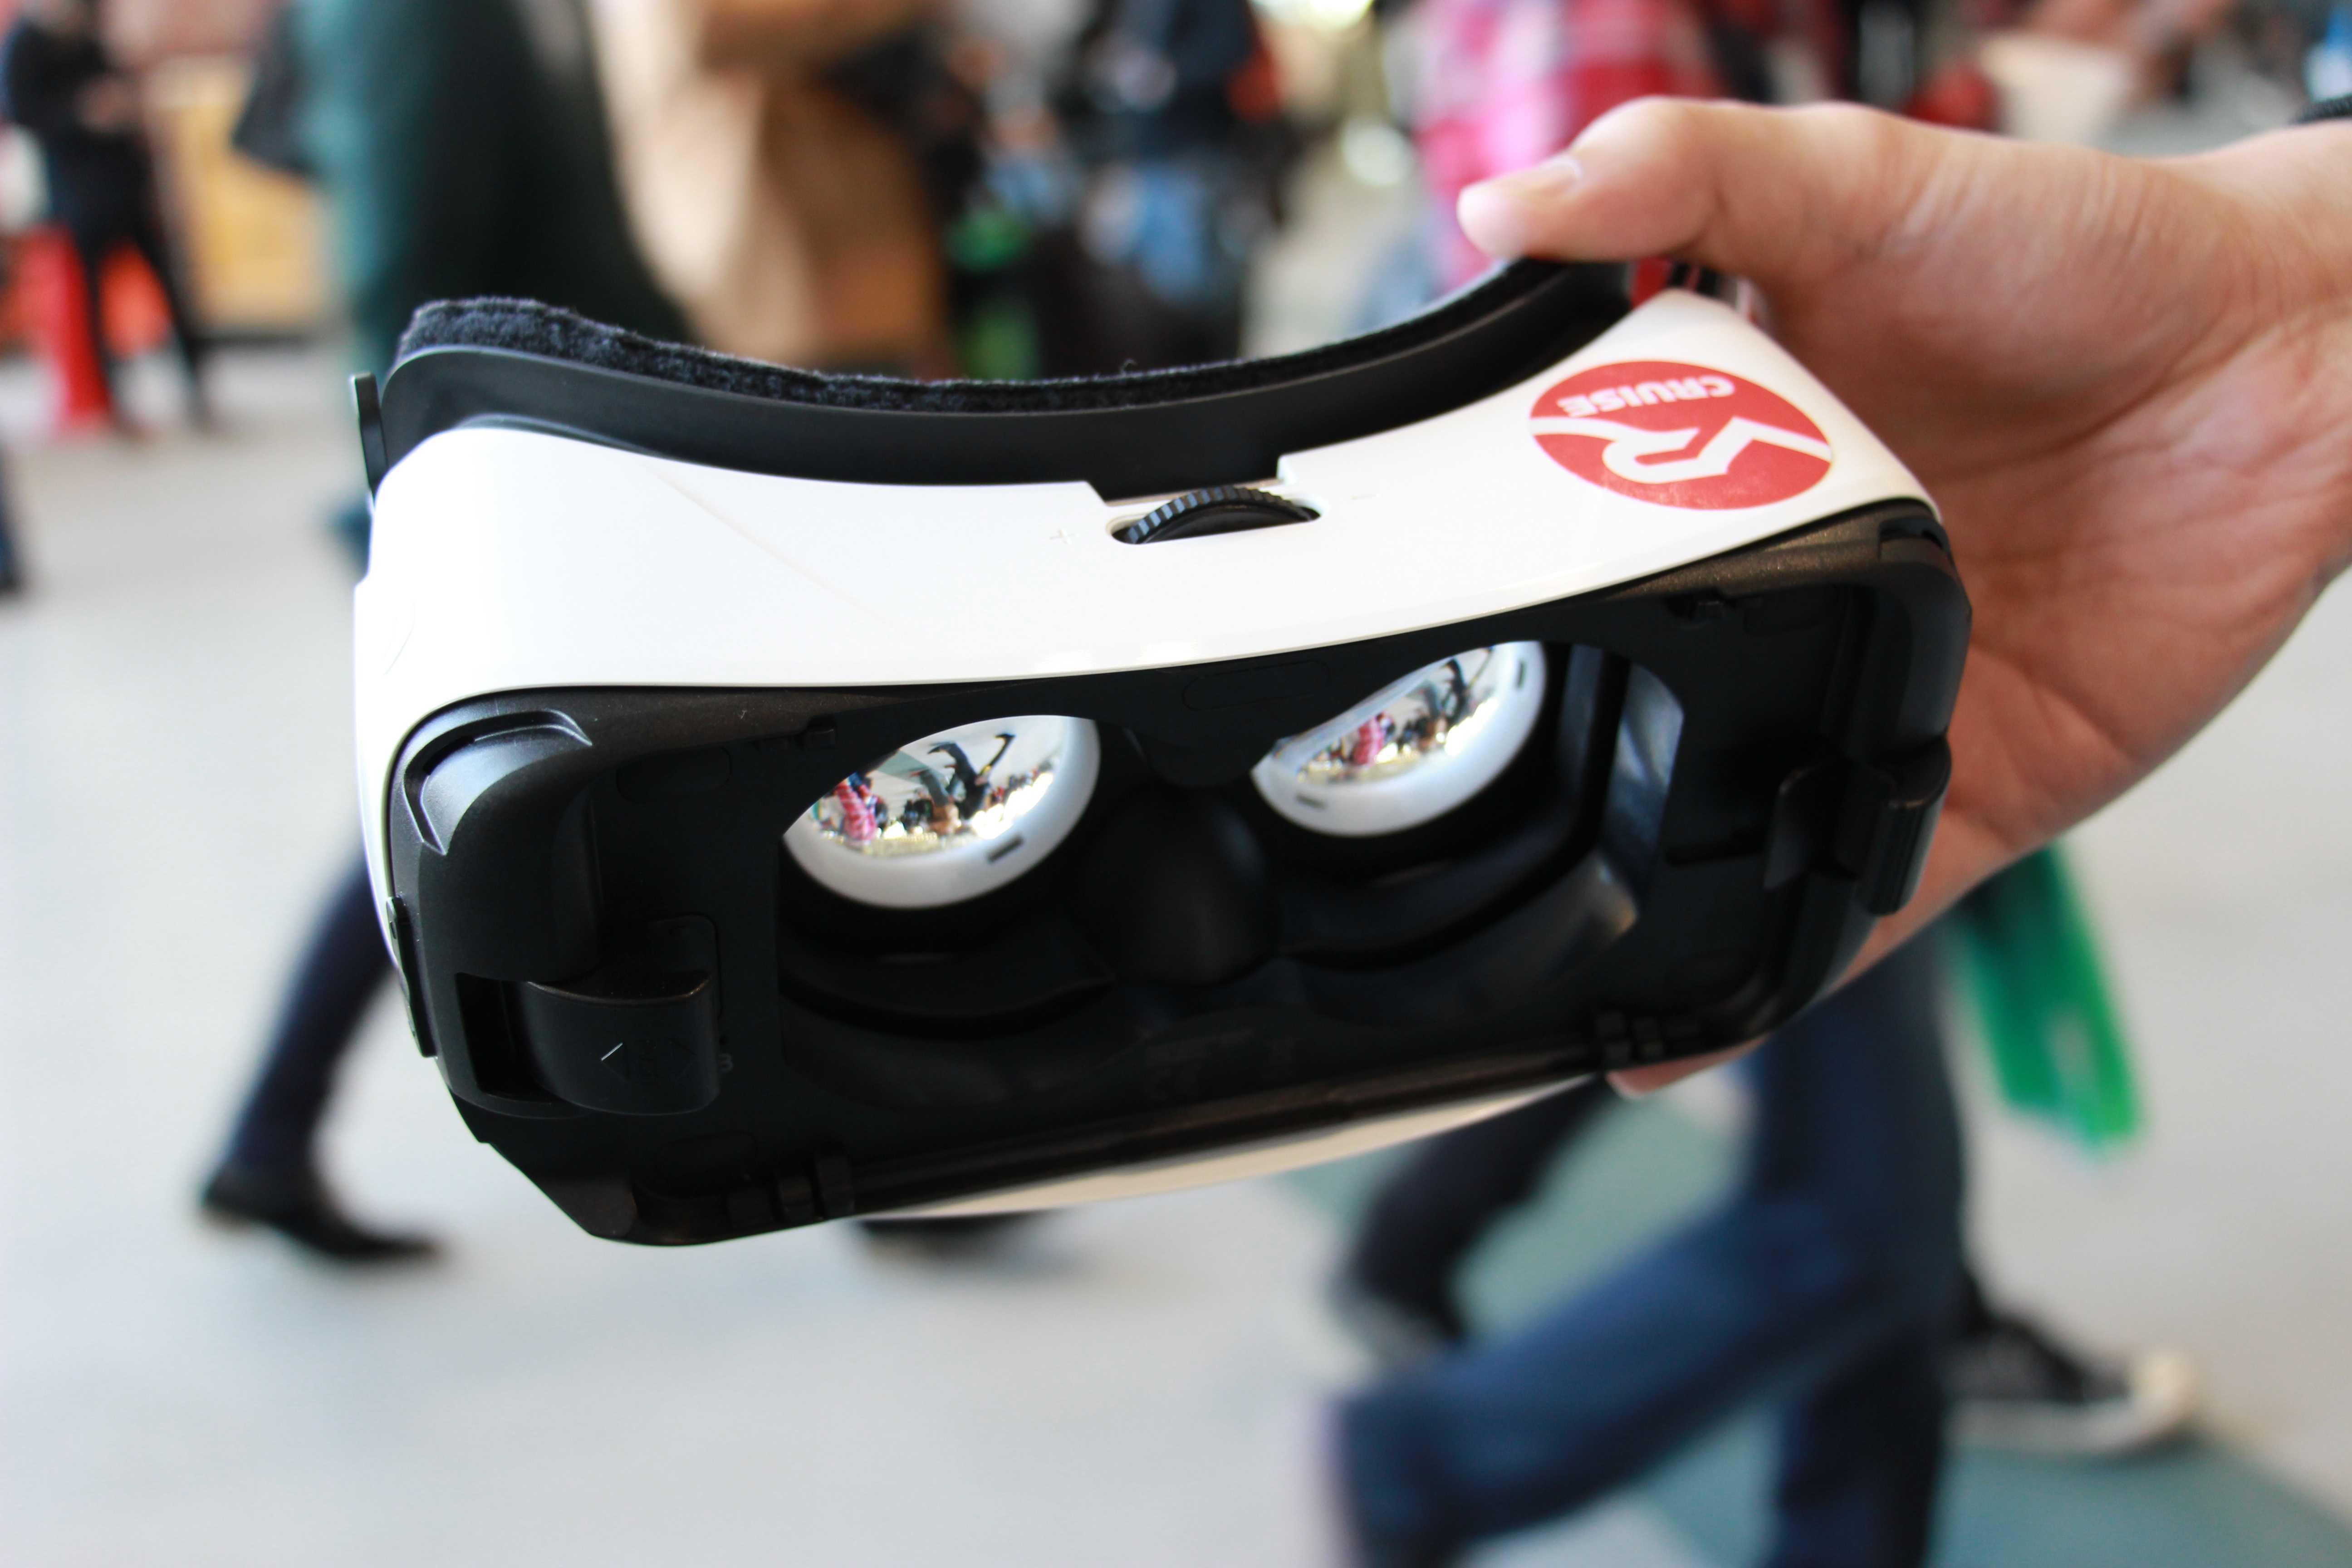 Gear VRはメガネonメガネでも利用できる優れモノ